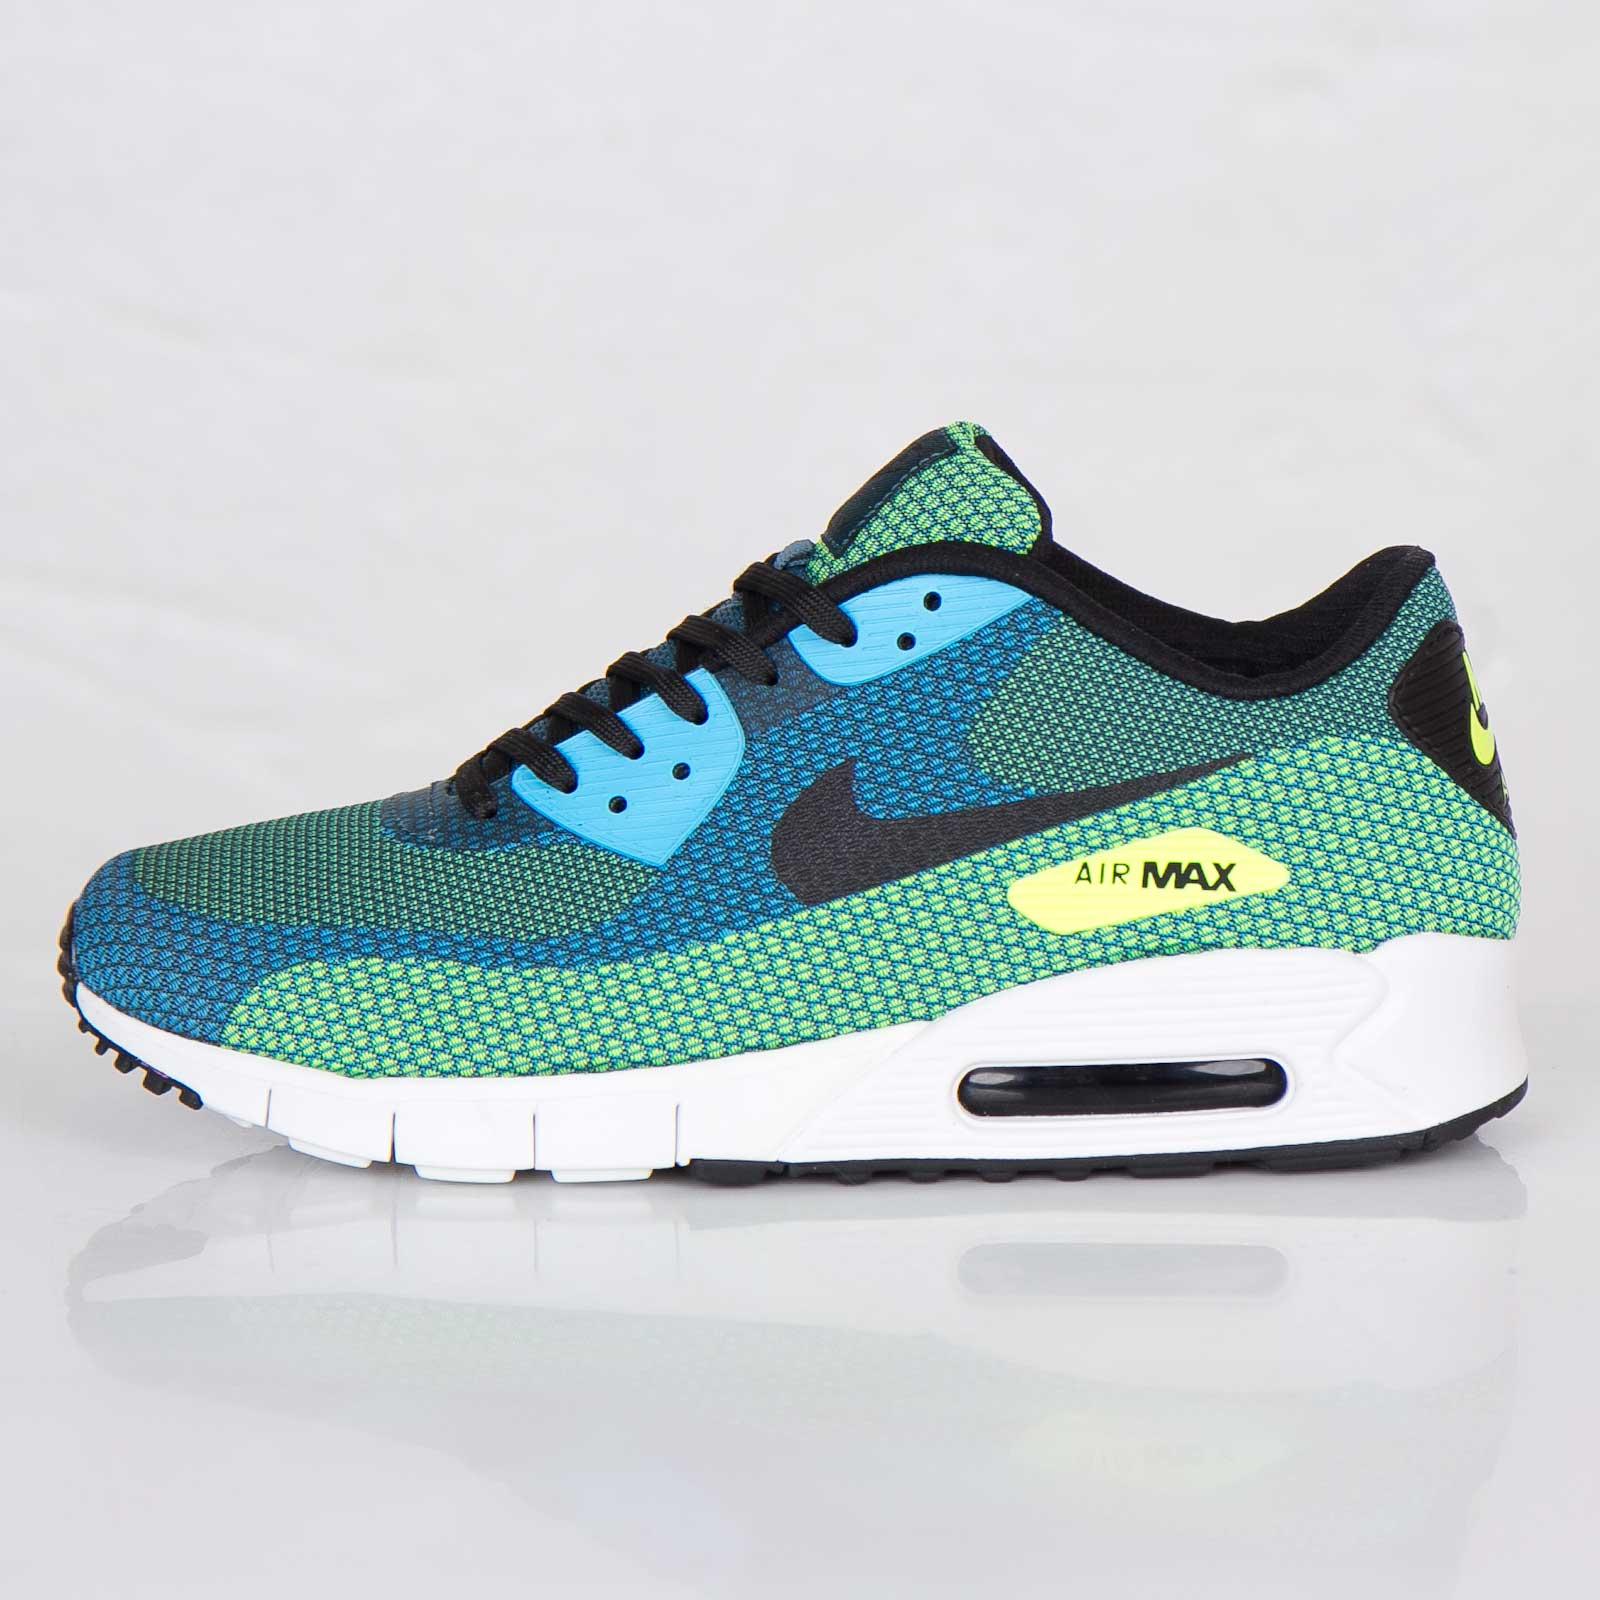 0efffda3b9 Nike Air Max 90 JCRD - 631750-300 - Sneakersnstuff   sneakers ...